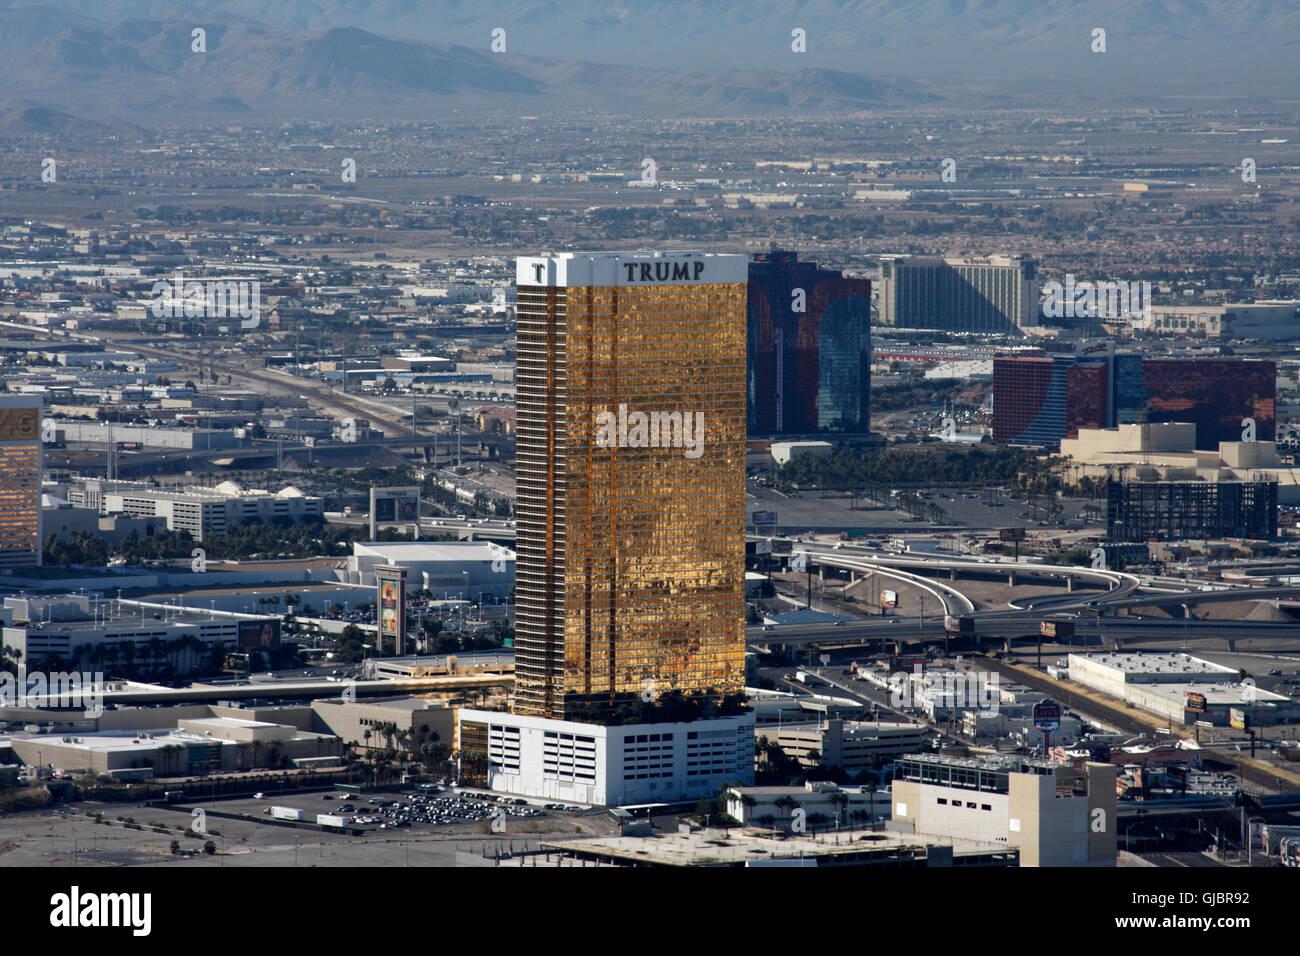 Trump Tower Las Vegas Stock Photos Trump Tower Las Vegas Stock